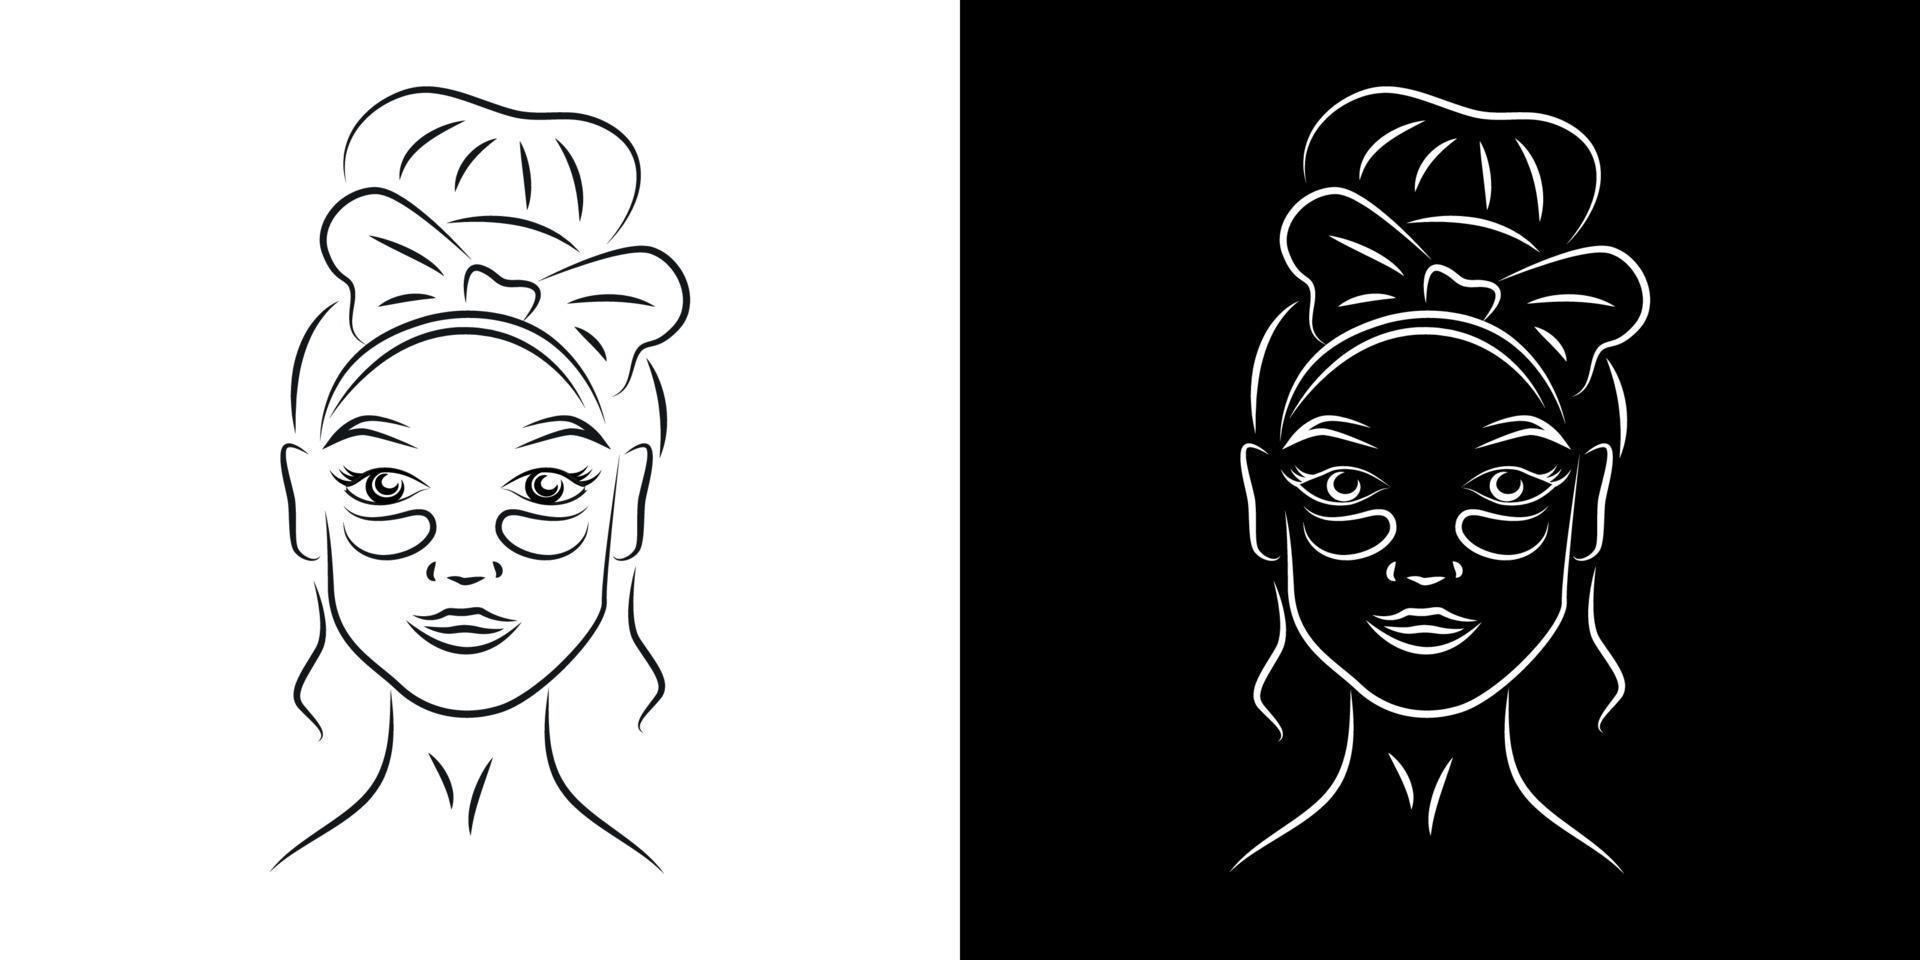 vrouw met onder de ooglapjes contour portret vectorillustratie. meisjesgezicht met realistische lijntekeningen van huidverzorgingsproducten. dame ogen donkere kringen behandeling schetsen karakter op zwart-witte achtergronden vector